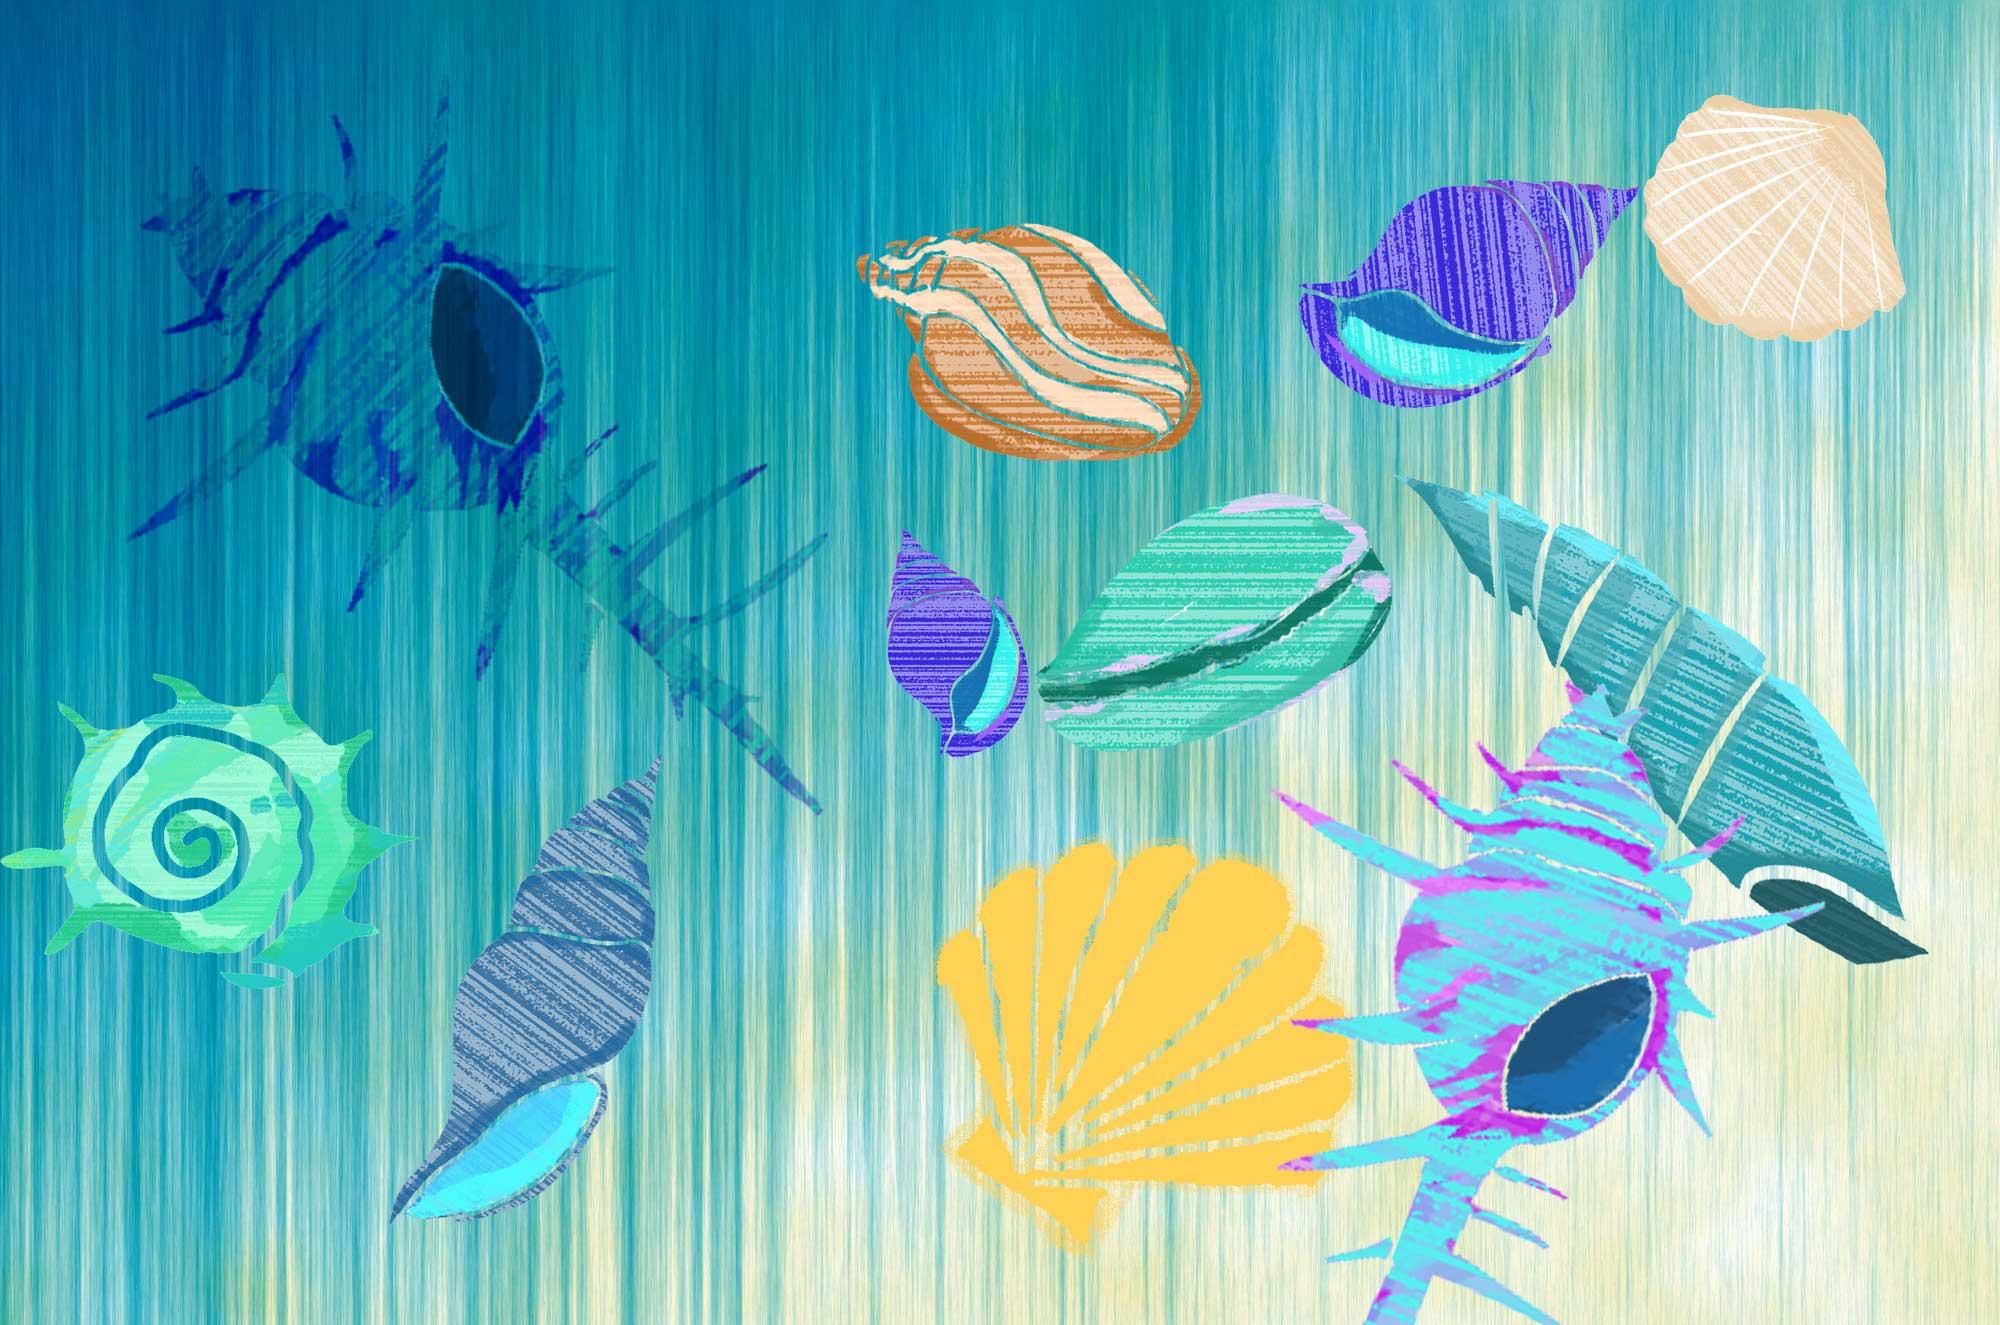 可愛い貝殻イラスト - 海の記憶を封じ込めた不思議な素材